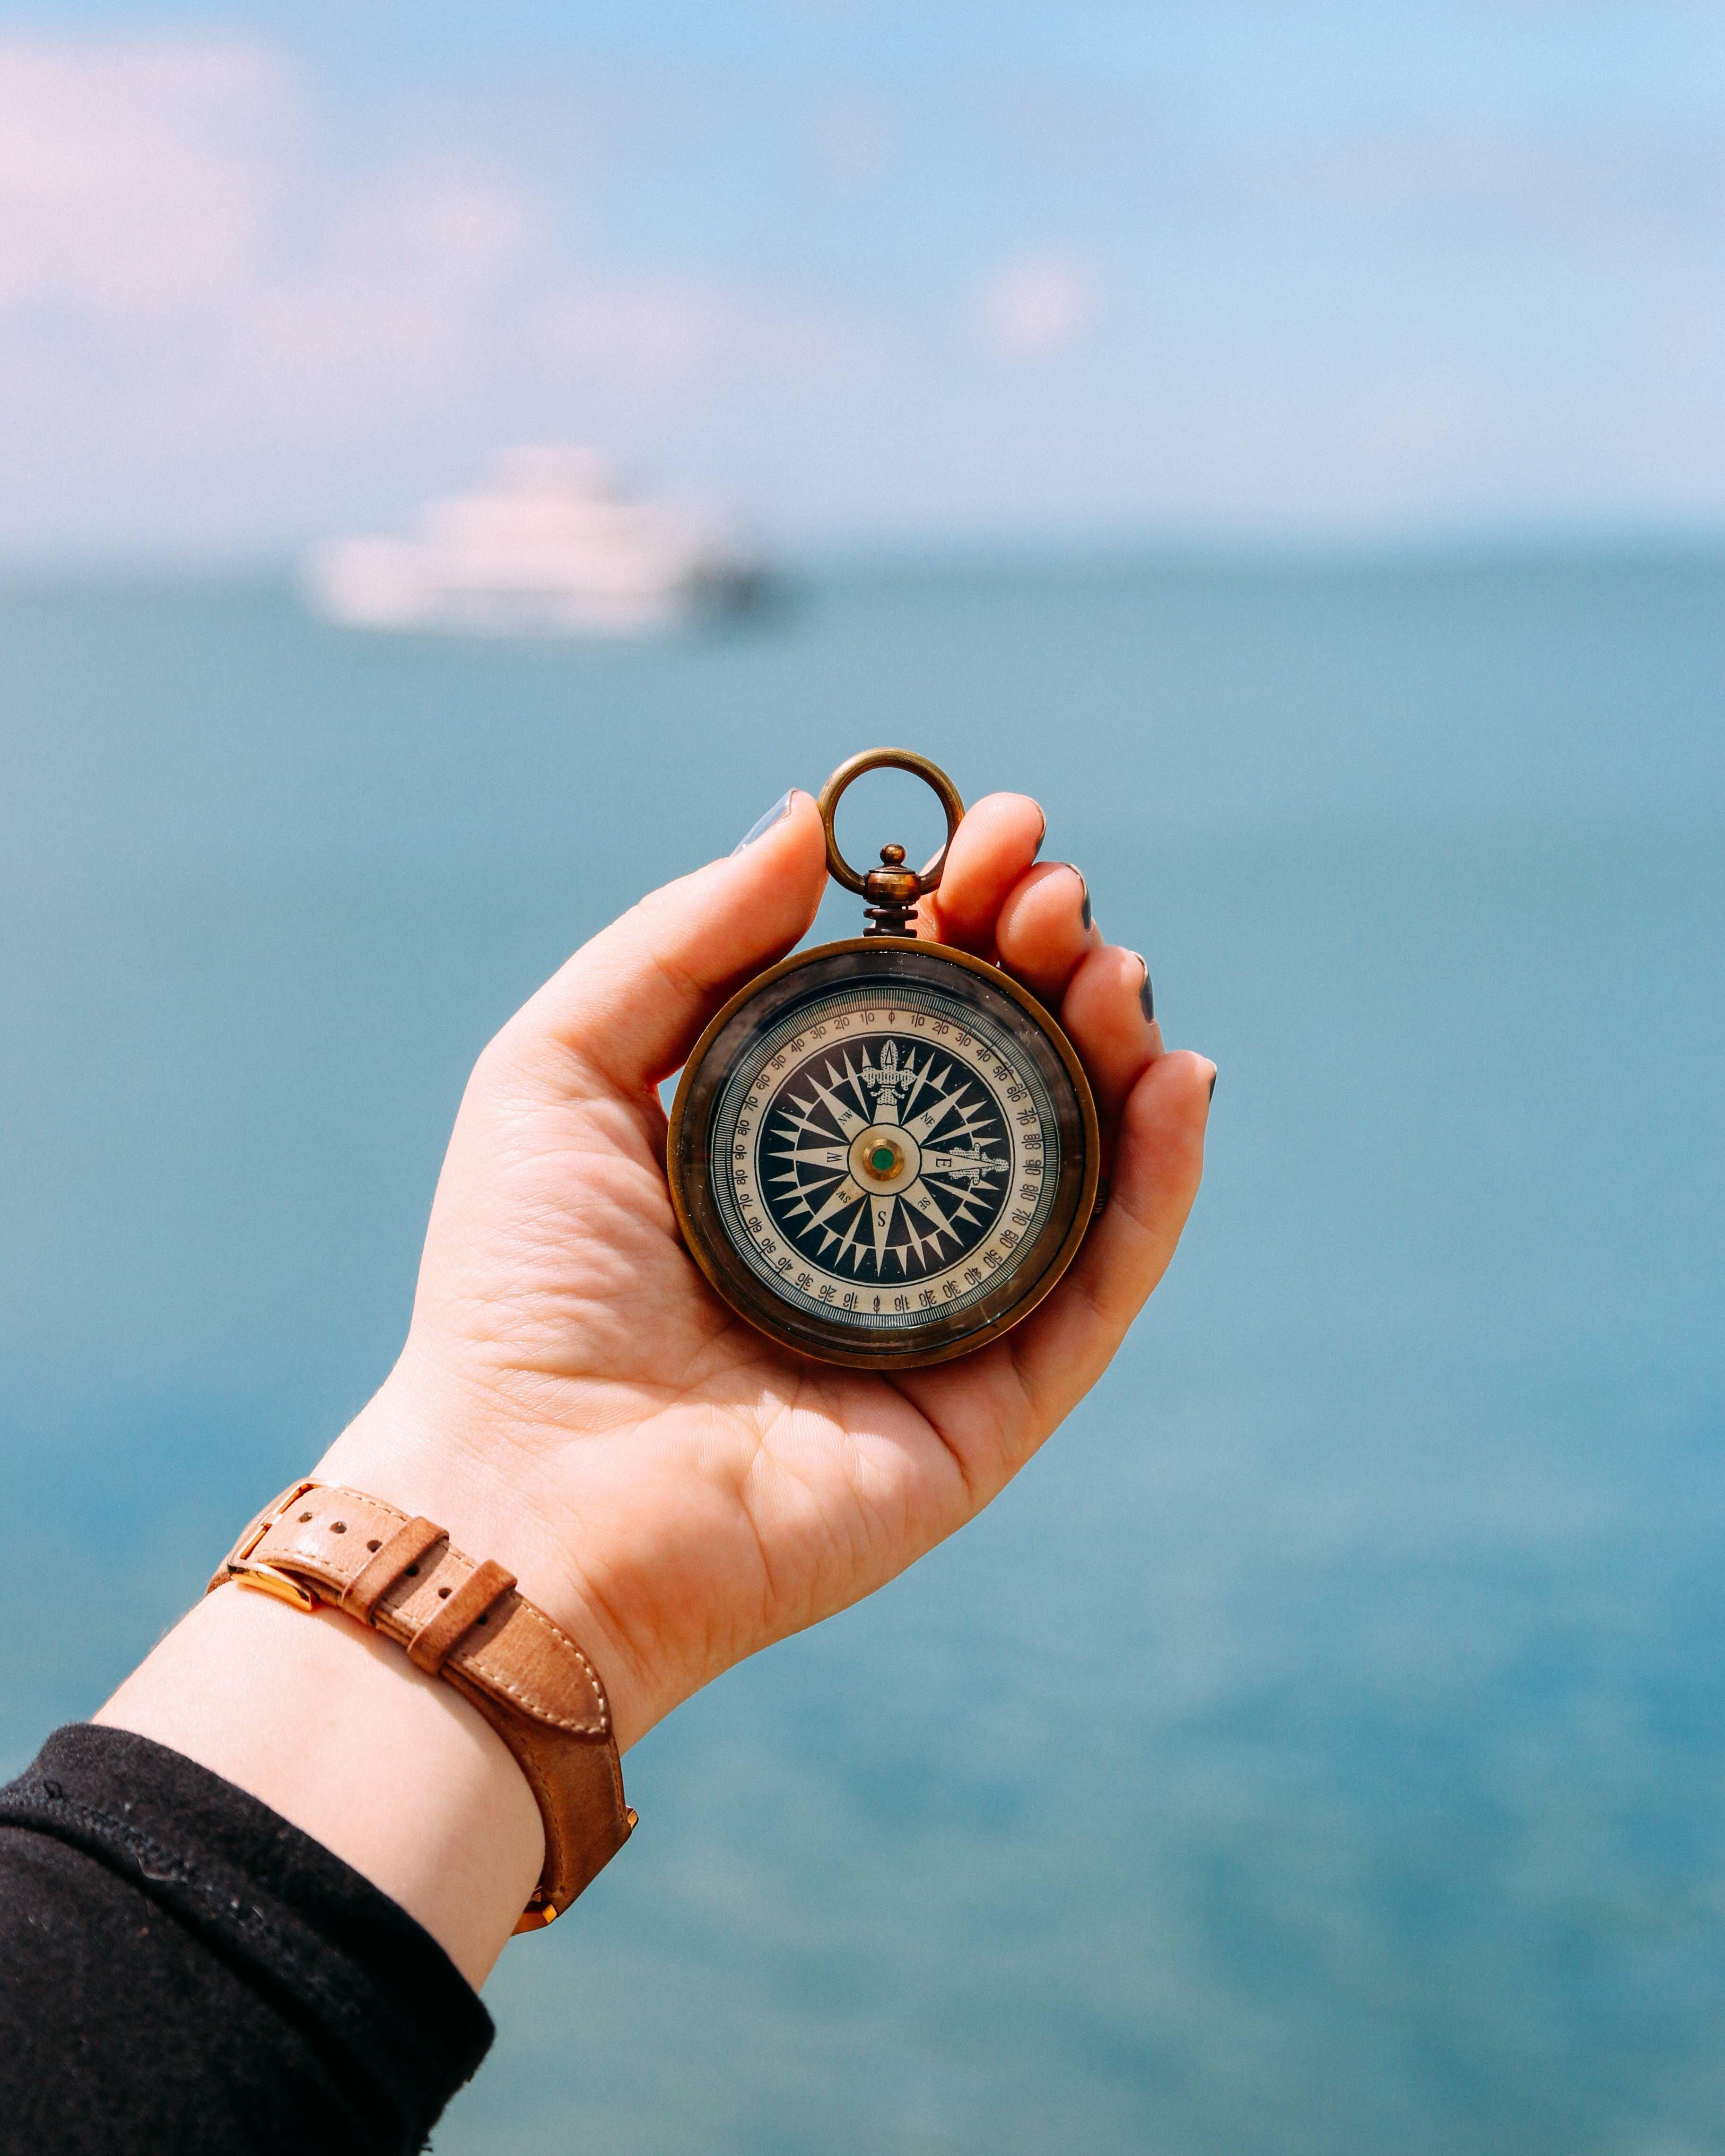 Eine Person hält am Meer einen Kompass in der Hand. Am Horizont ist ein Schiff zu sehen.